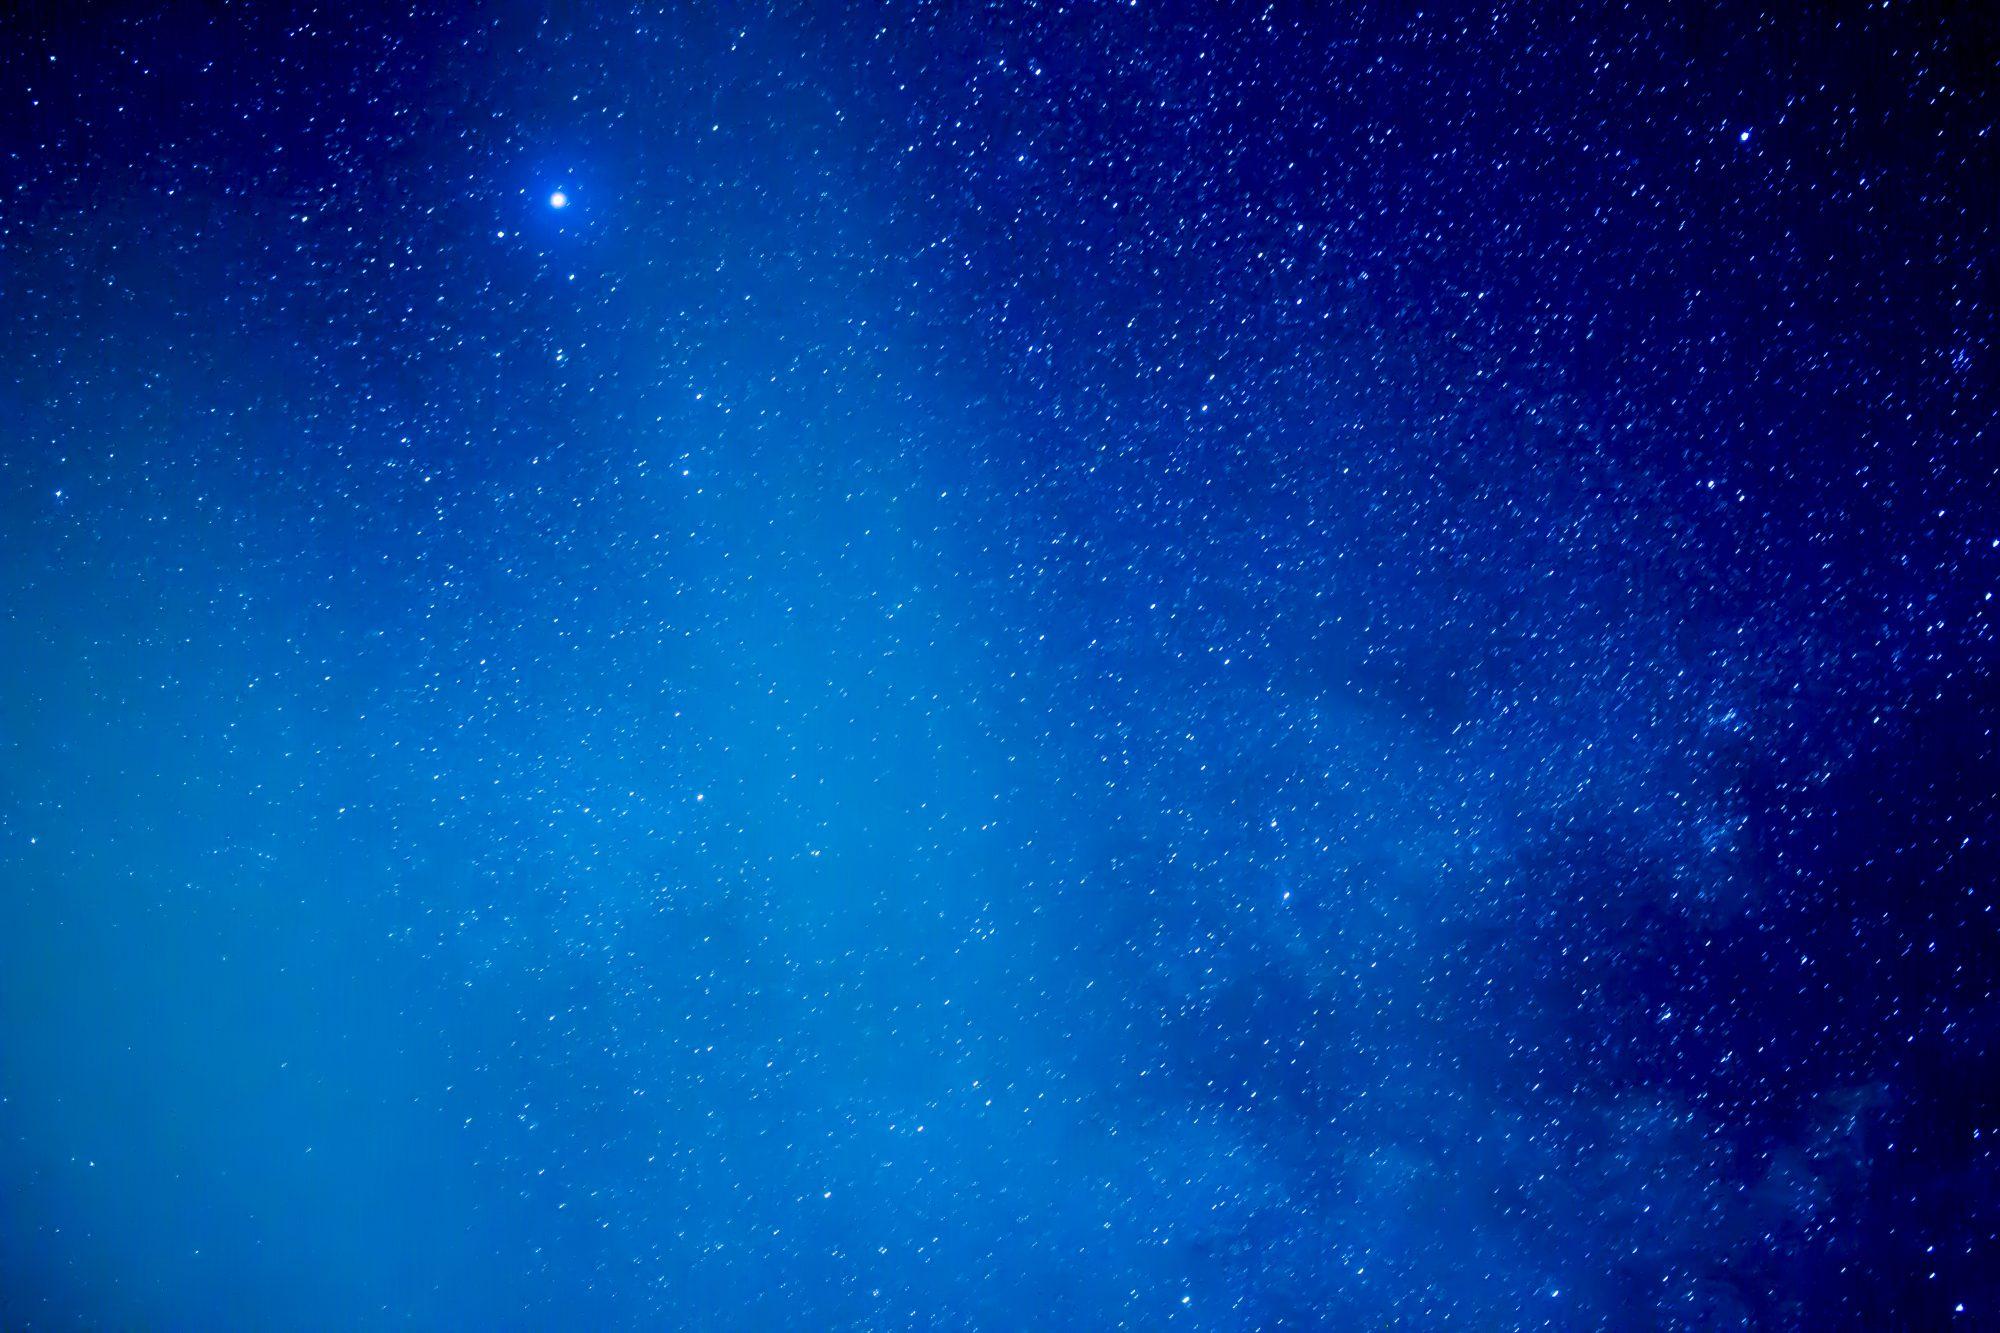 スイス・クライネシャイデックの夜空